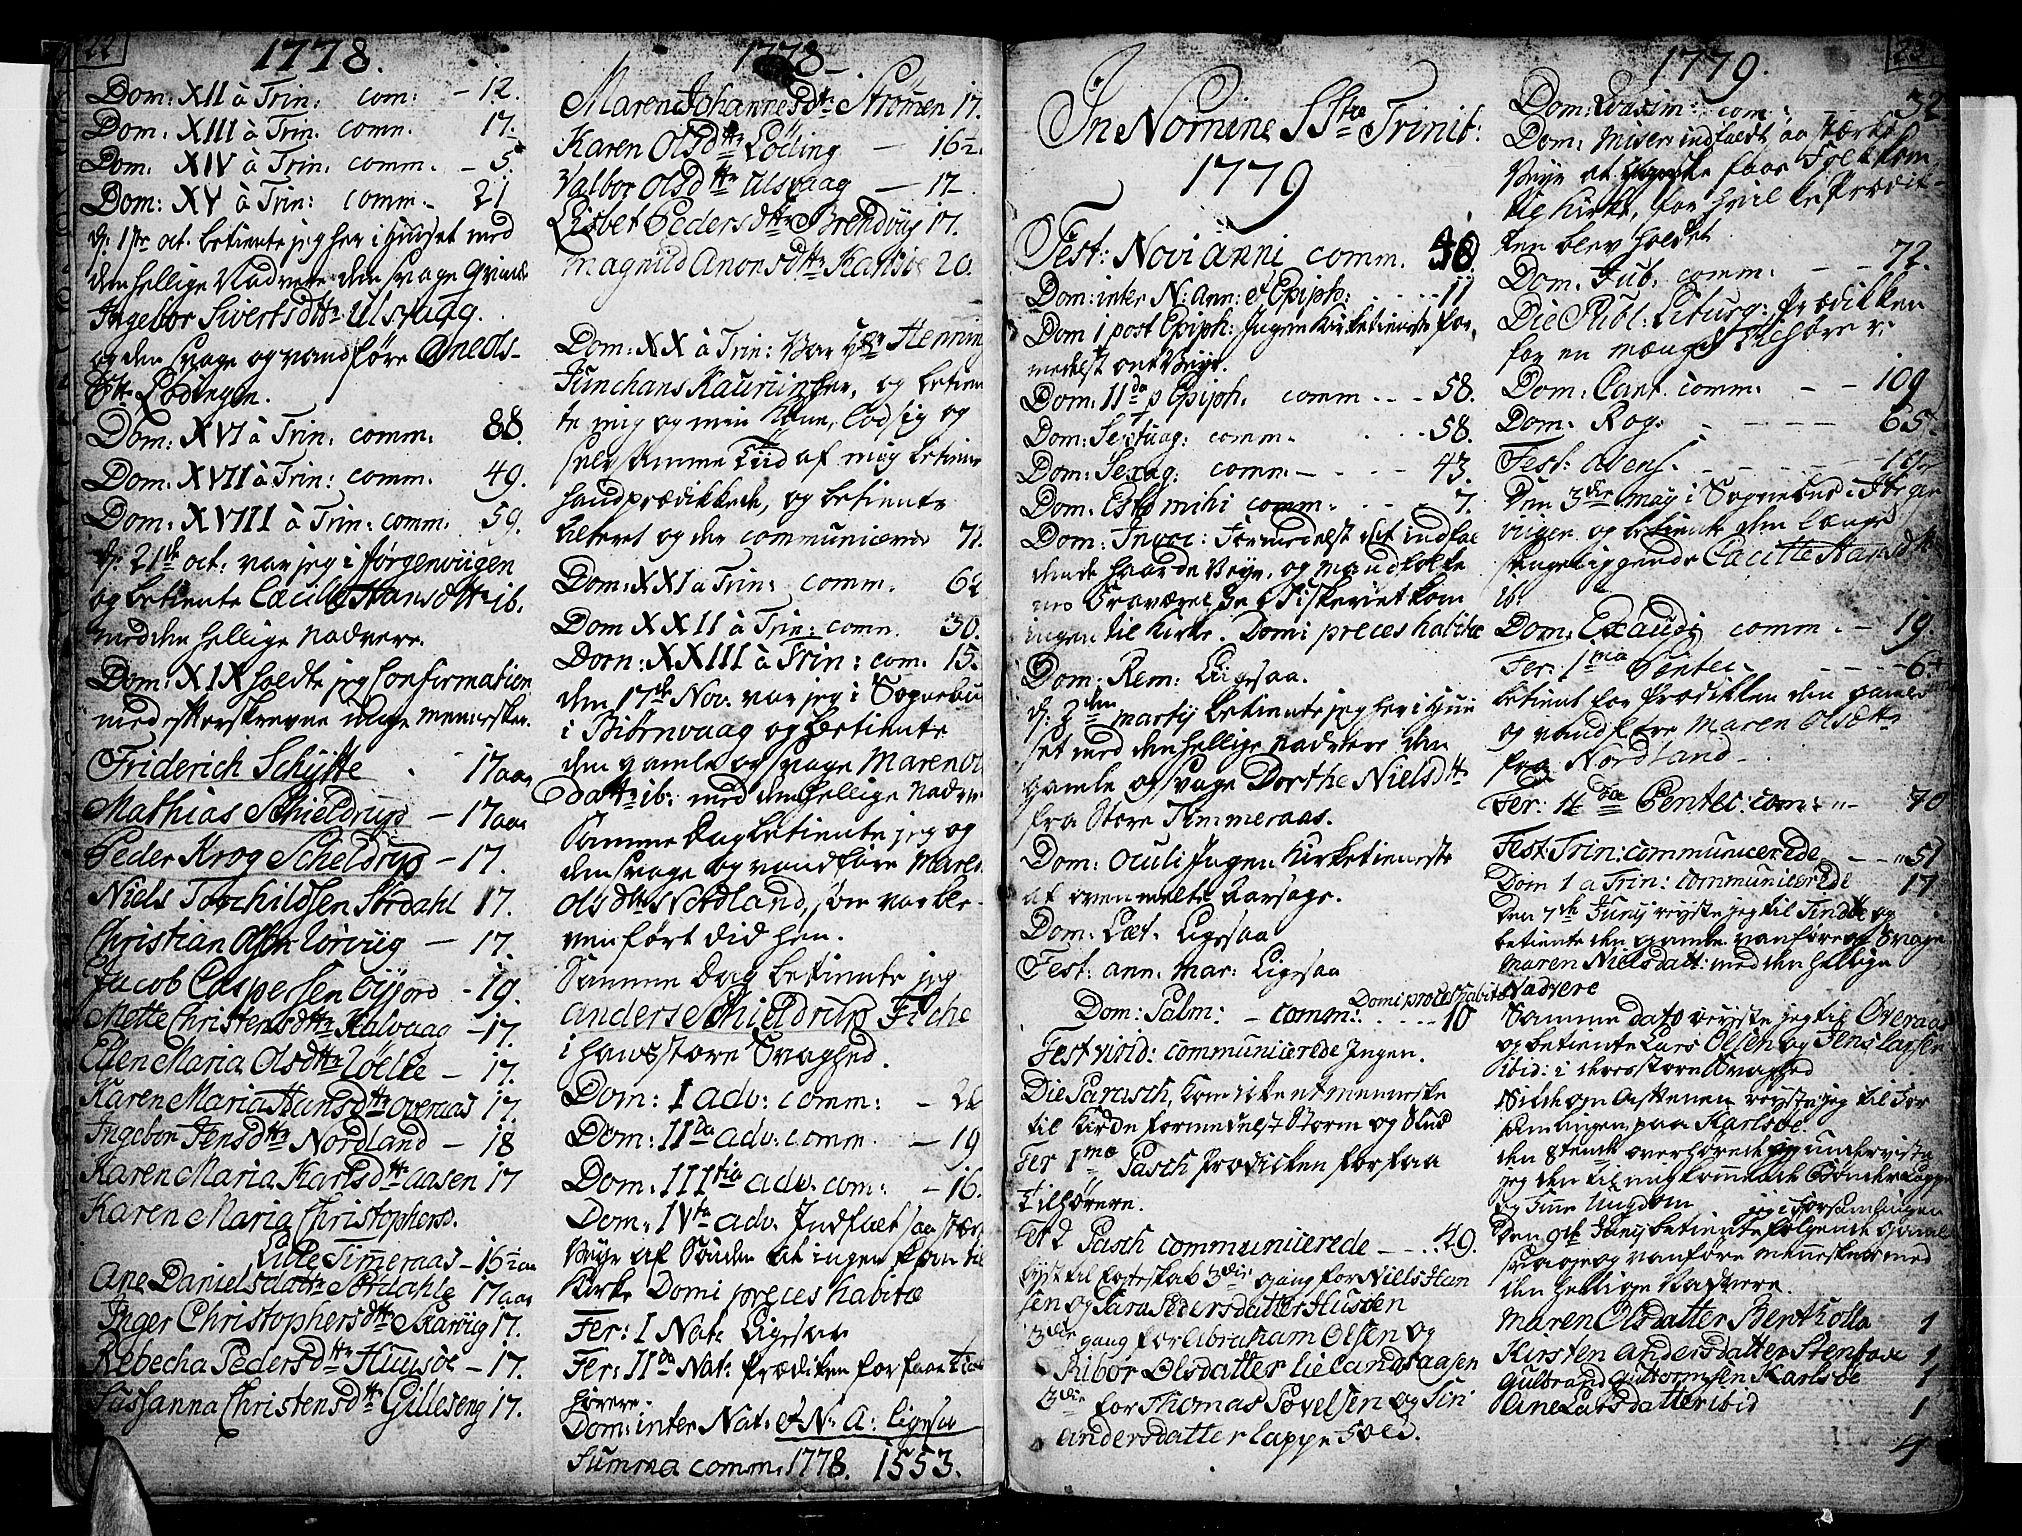 SAT, Ministerialprotokoller, klokkerbøker og fødselsregistre - Nordland, 859/L0841: Parish register (official) no. 859A01, 1766-1821, p. 22-23